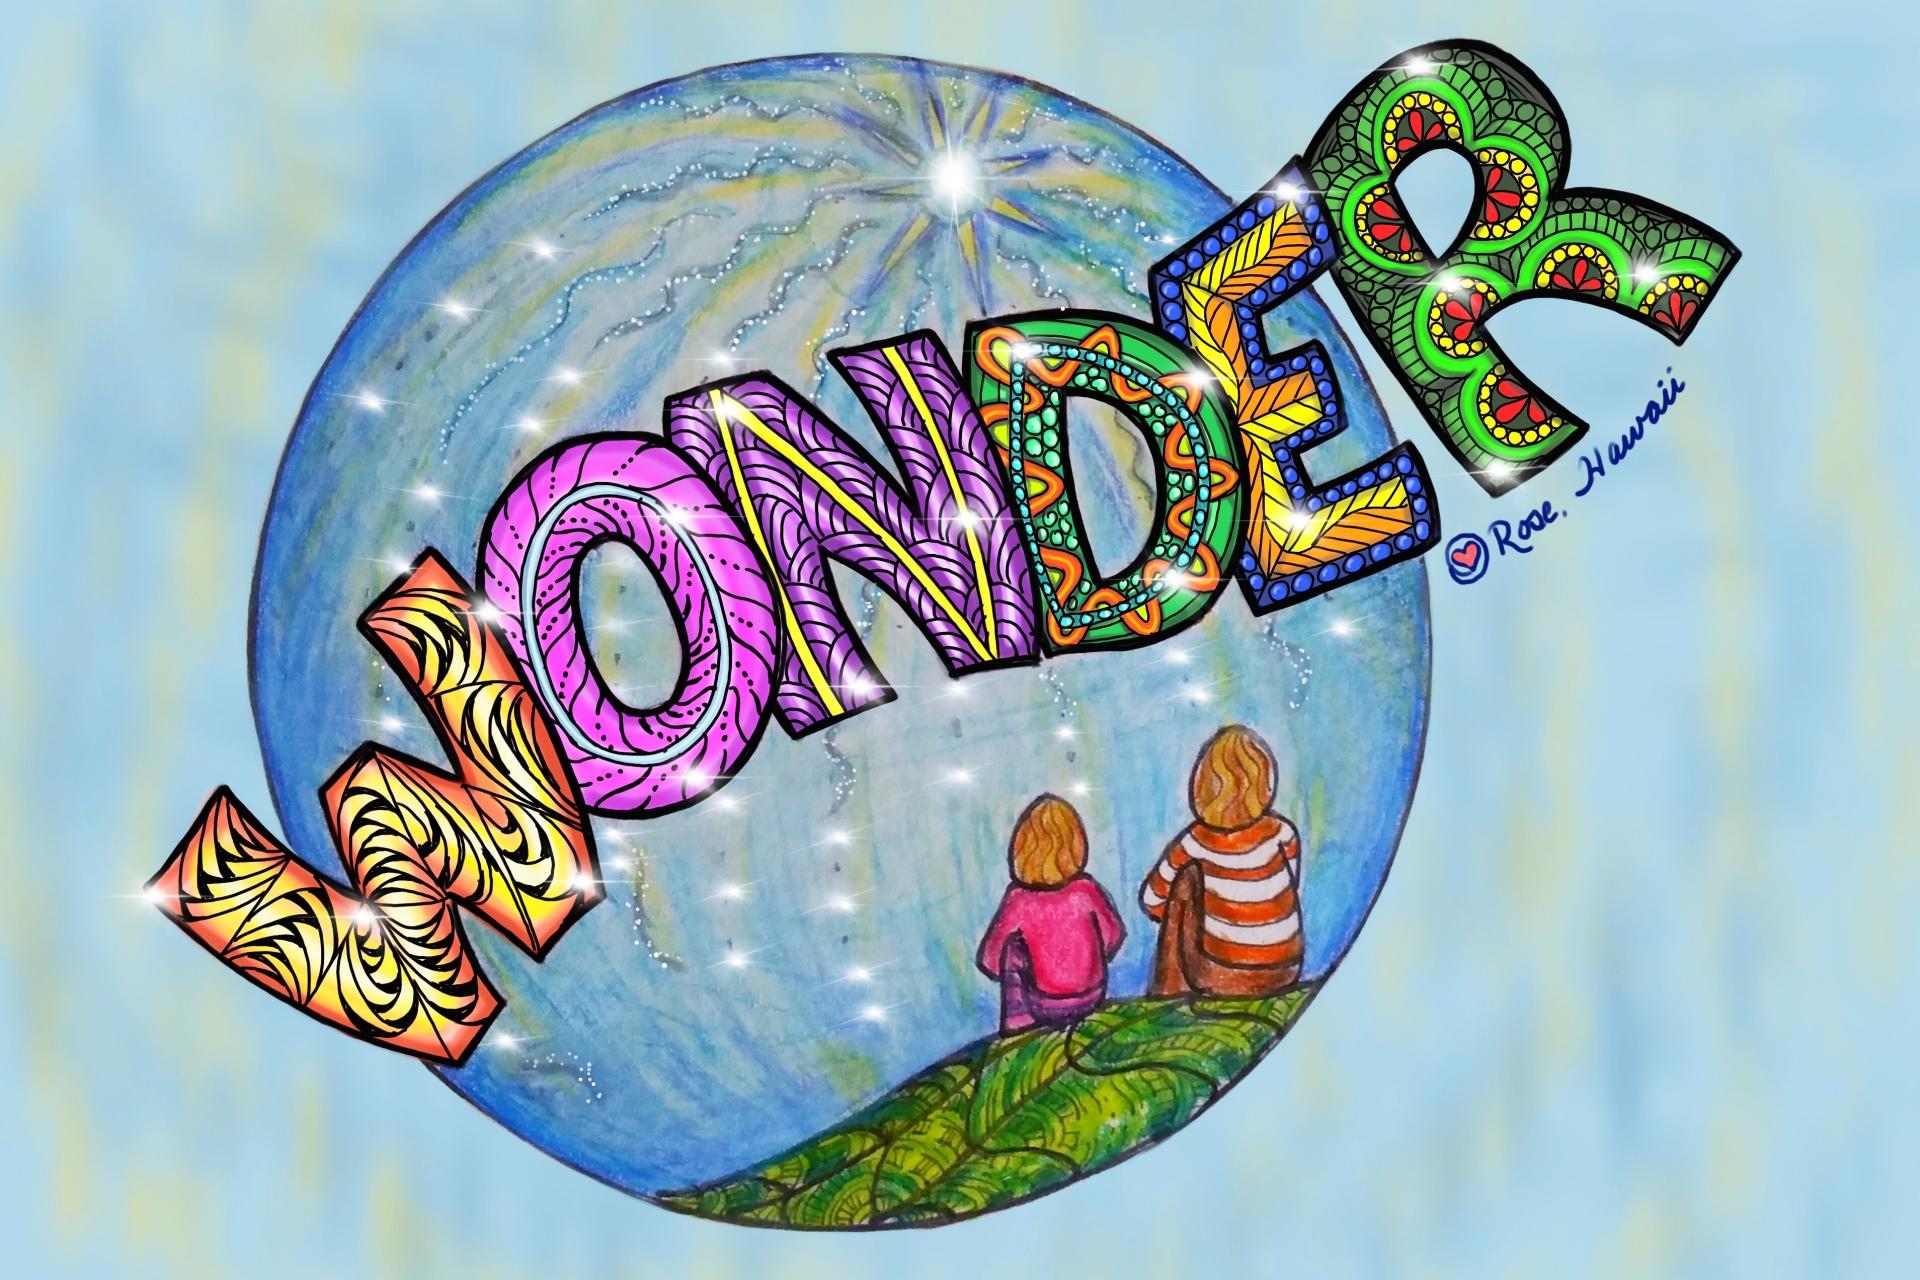 The Wonder of Children